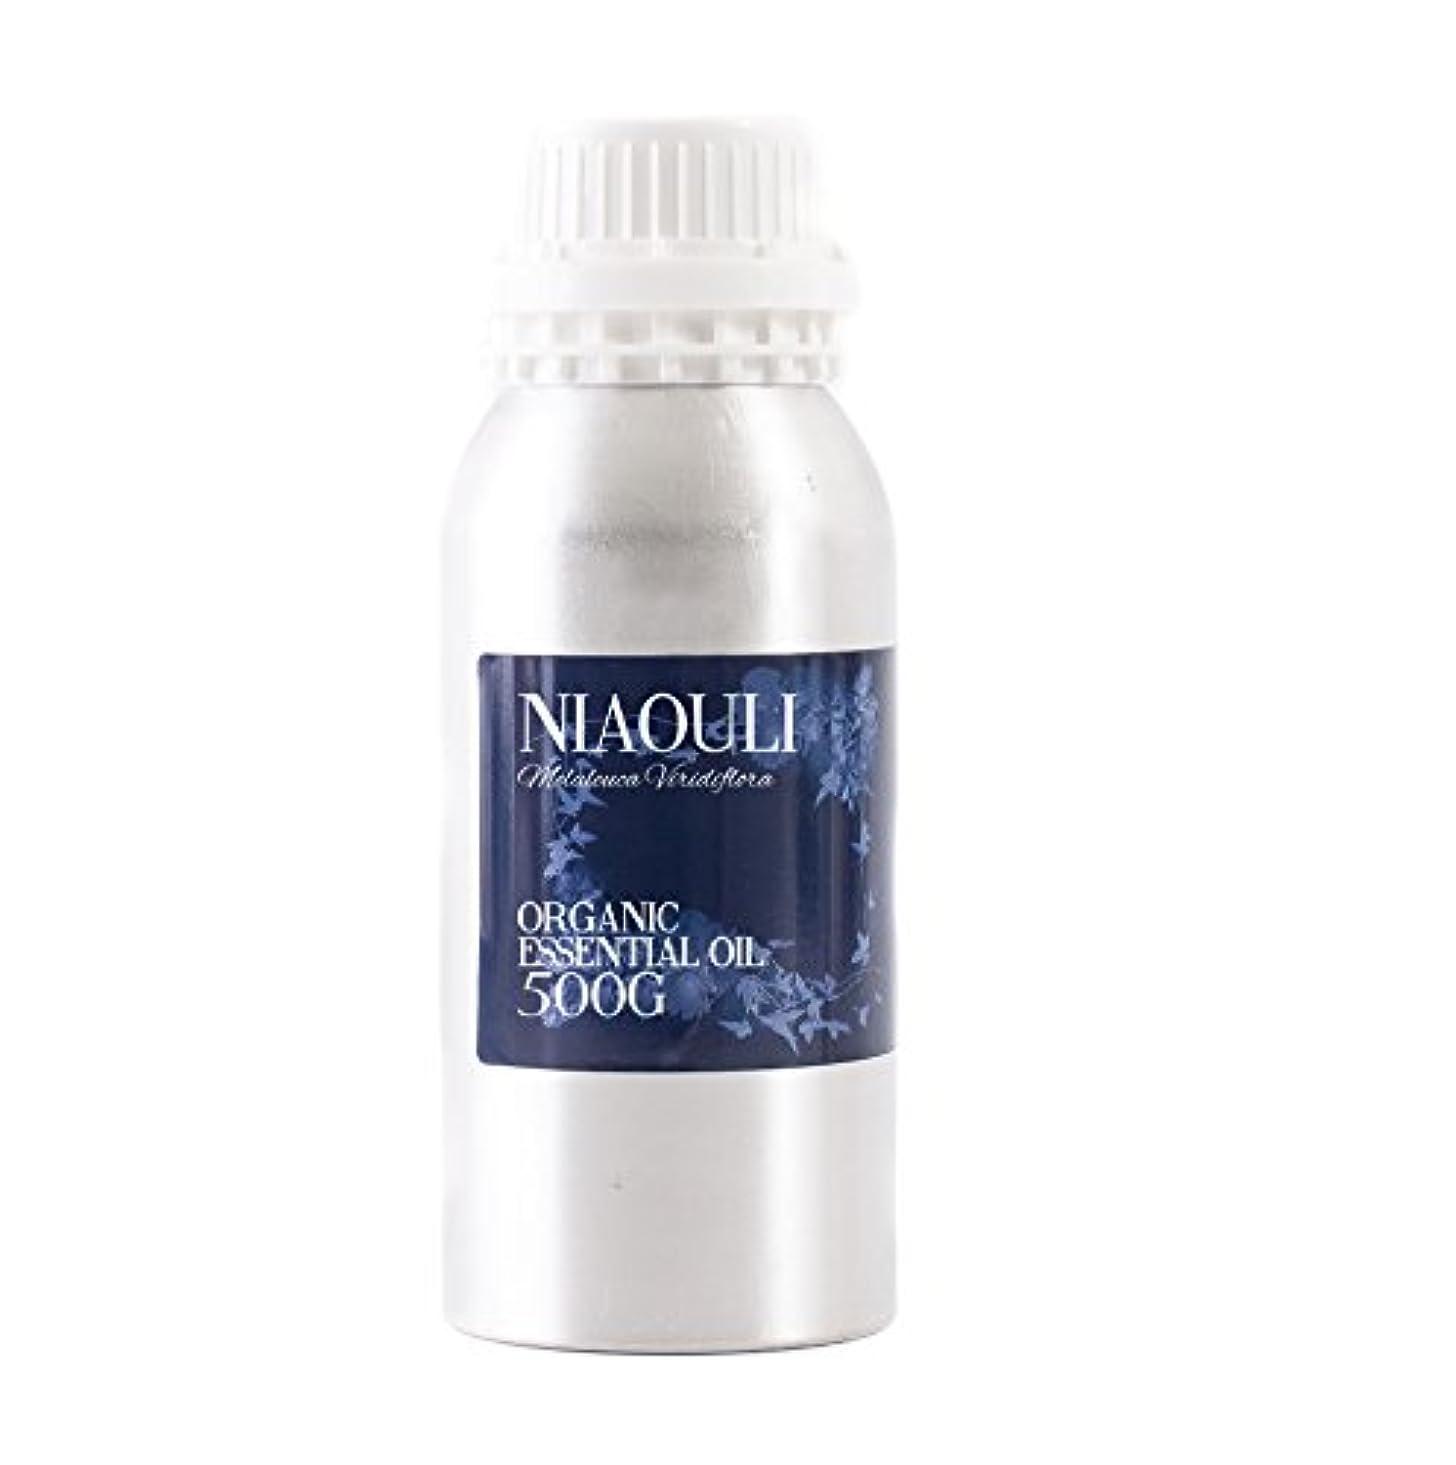 周術期品種不満Mystic Moments | Niaouli Organic Essential Oil - 500g - 100% Pure